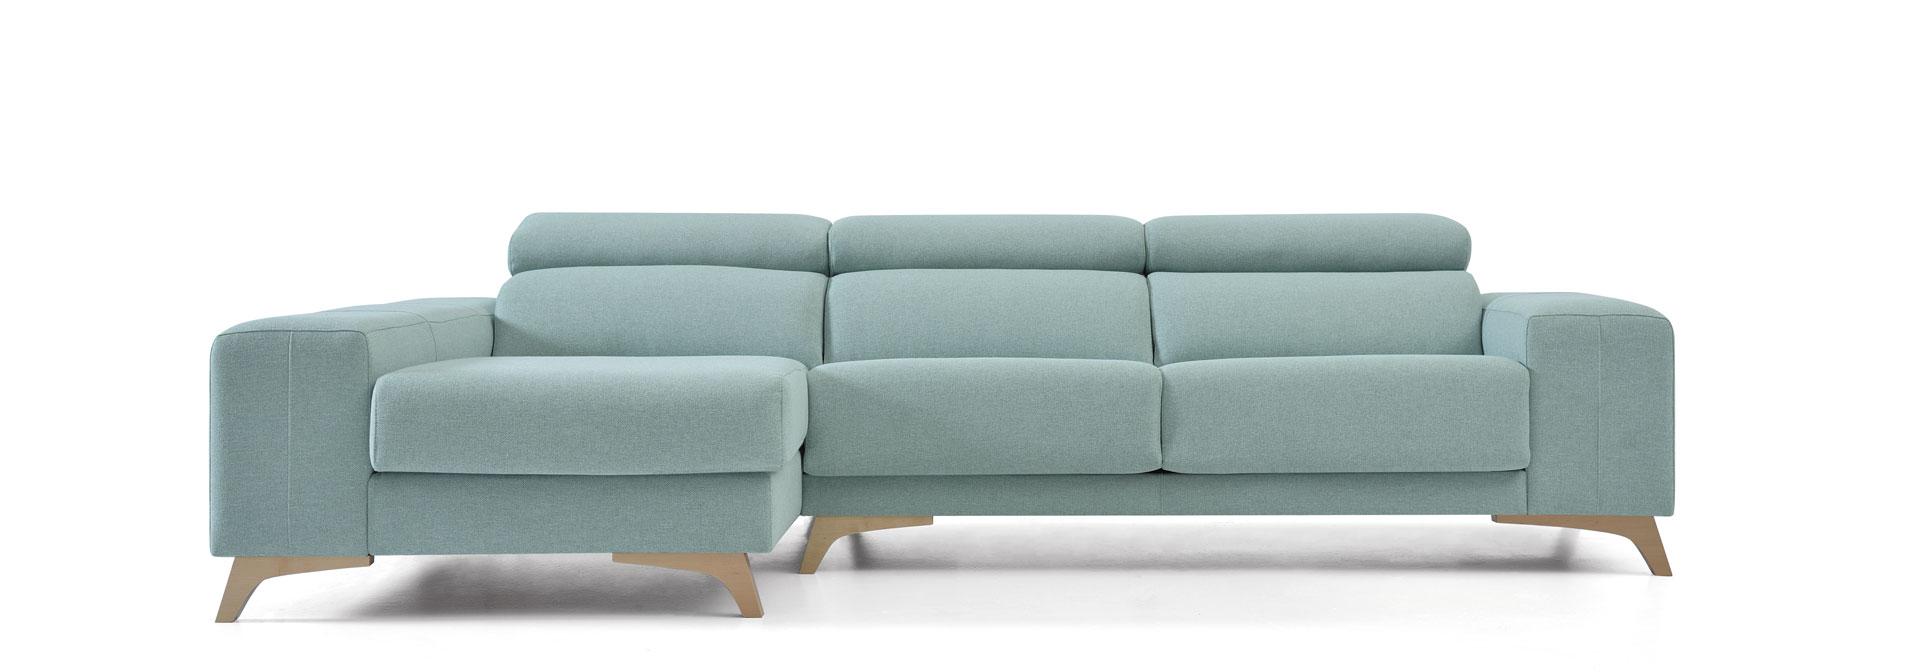 Sofa chaise 2